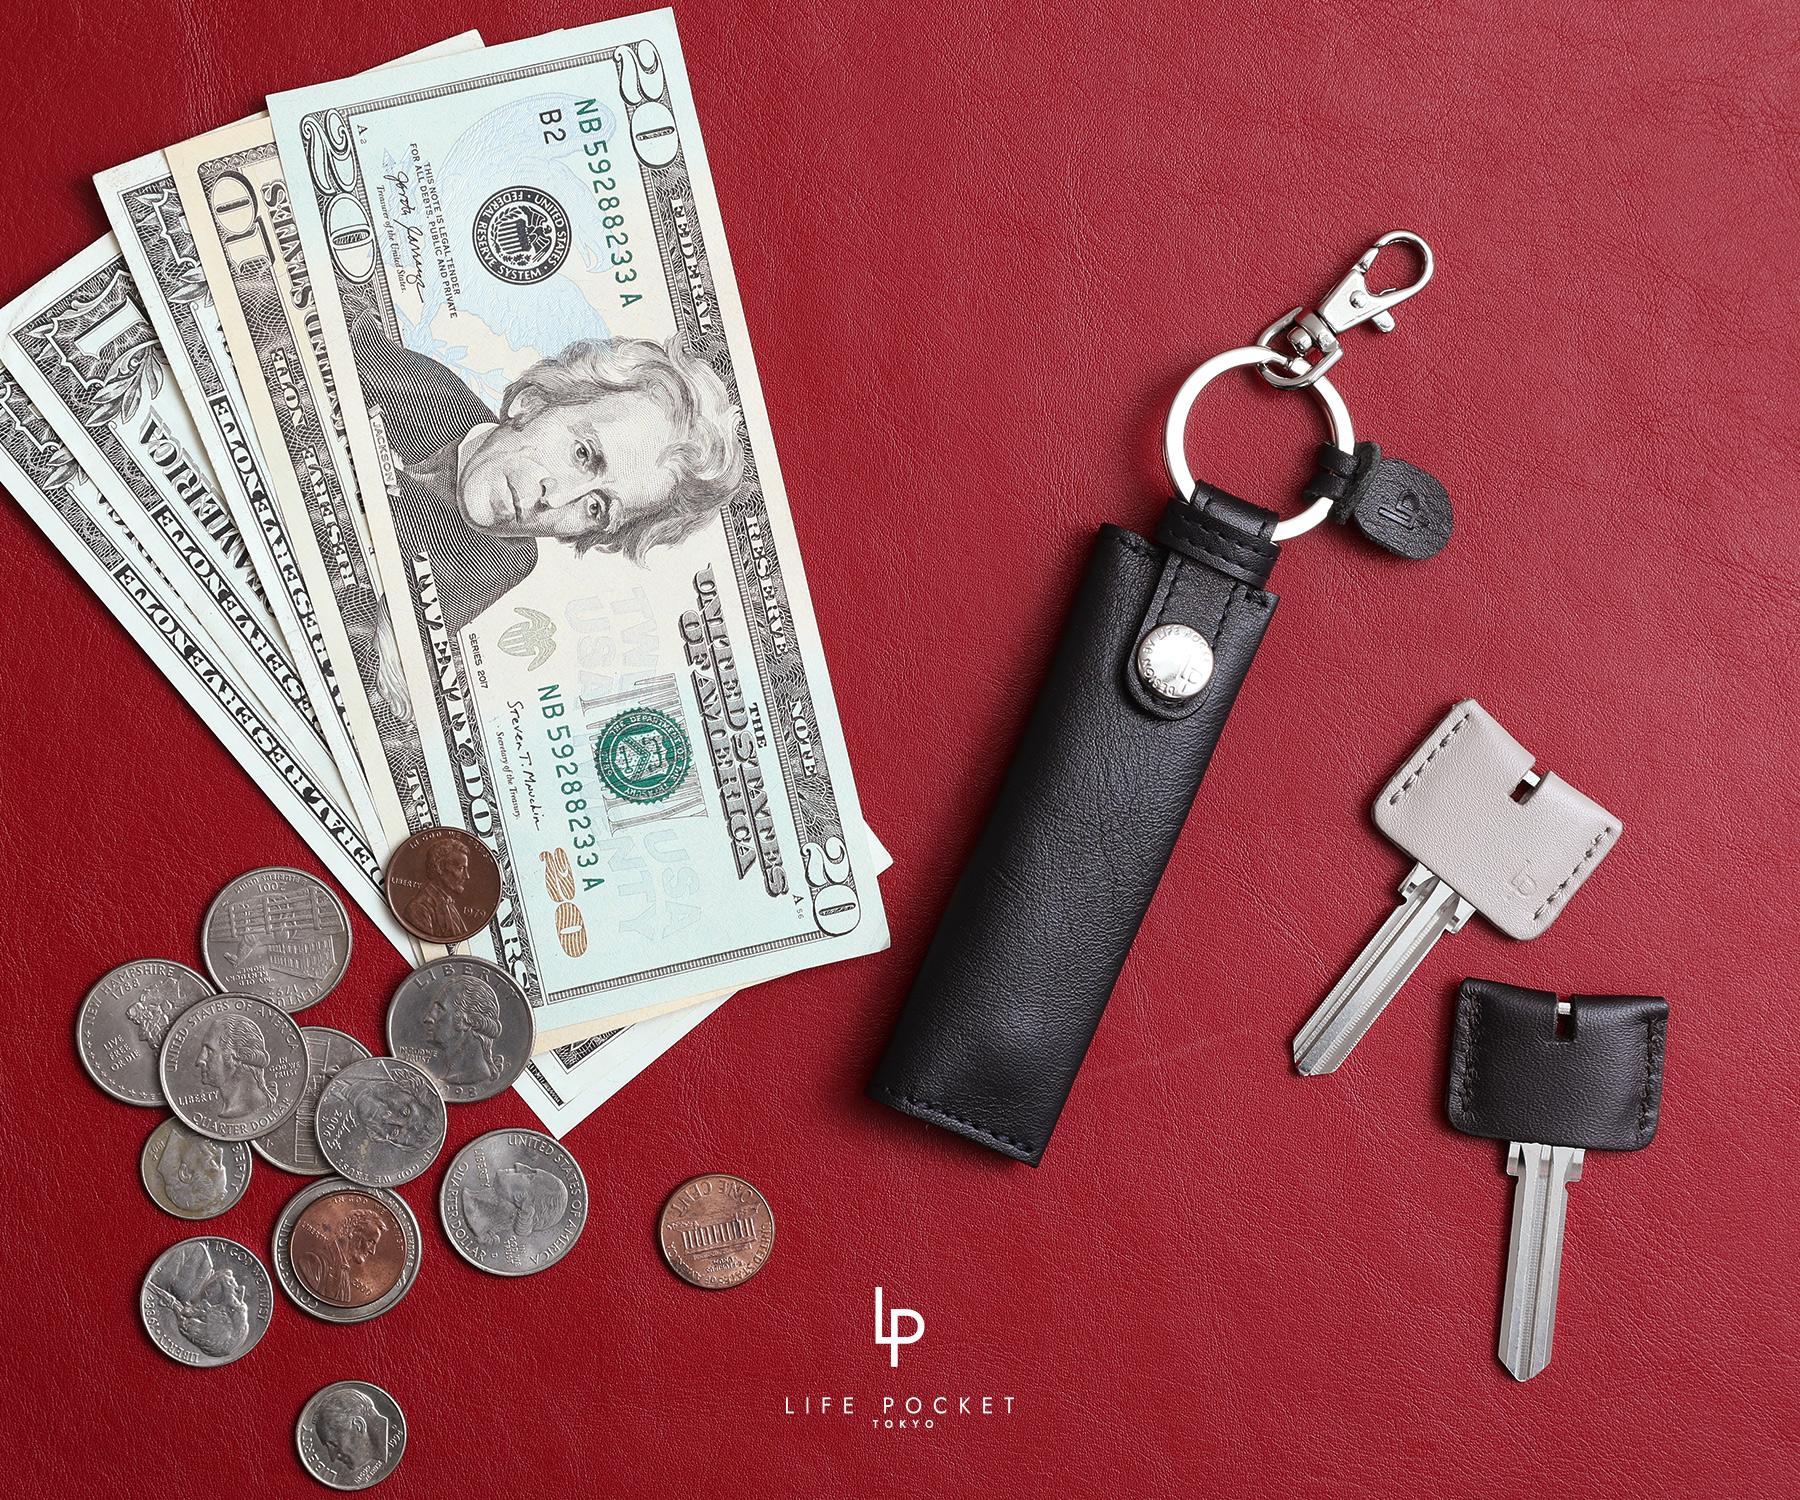 ミニすぎるお財布【ナノウォレット】でお金も鍵もこれひとつ!